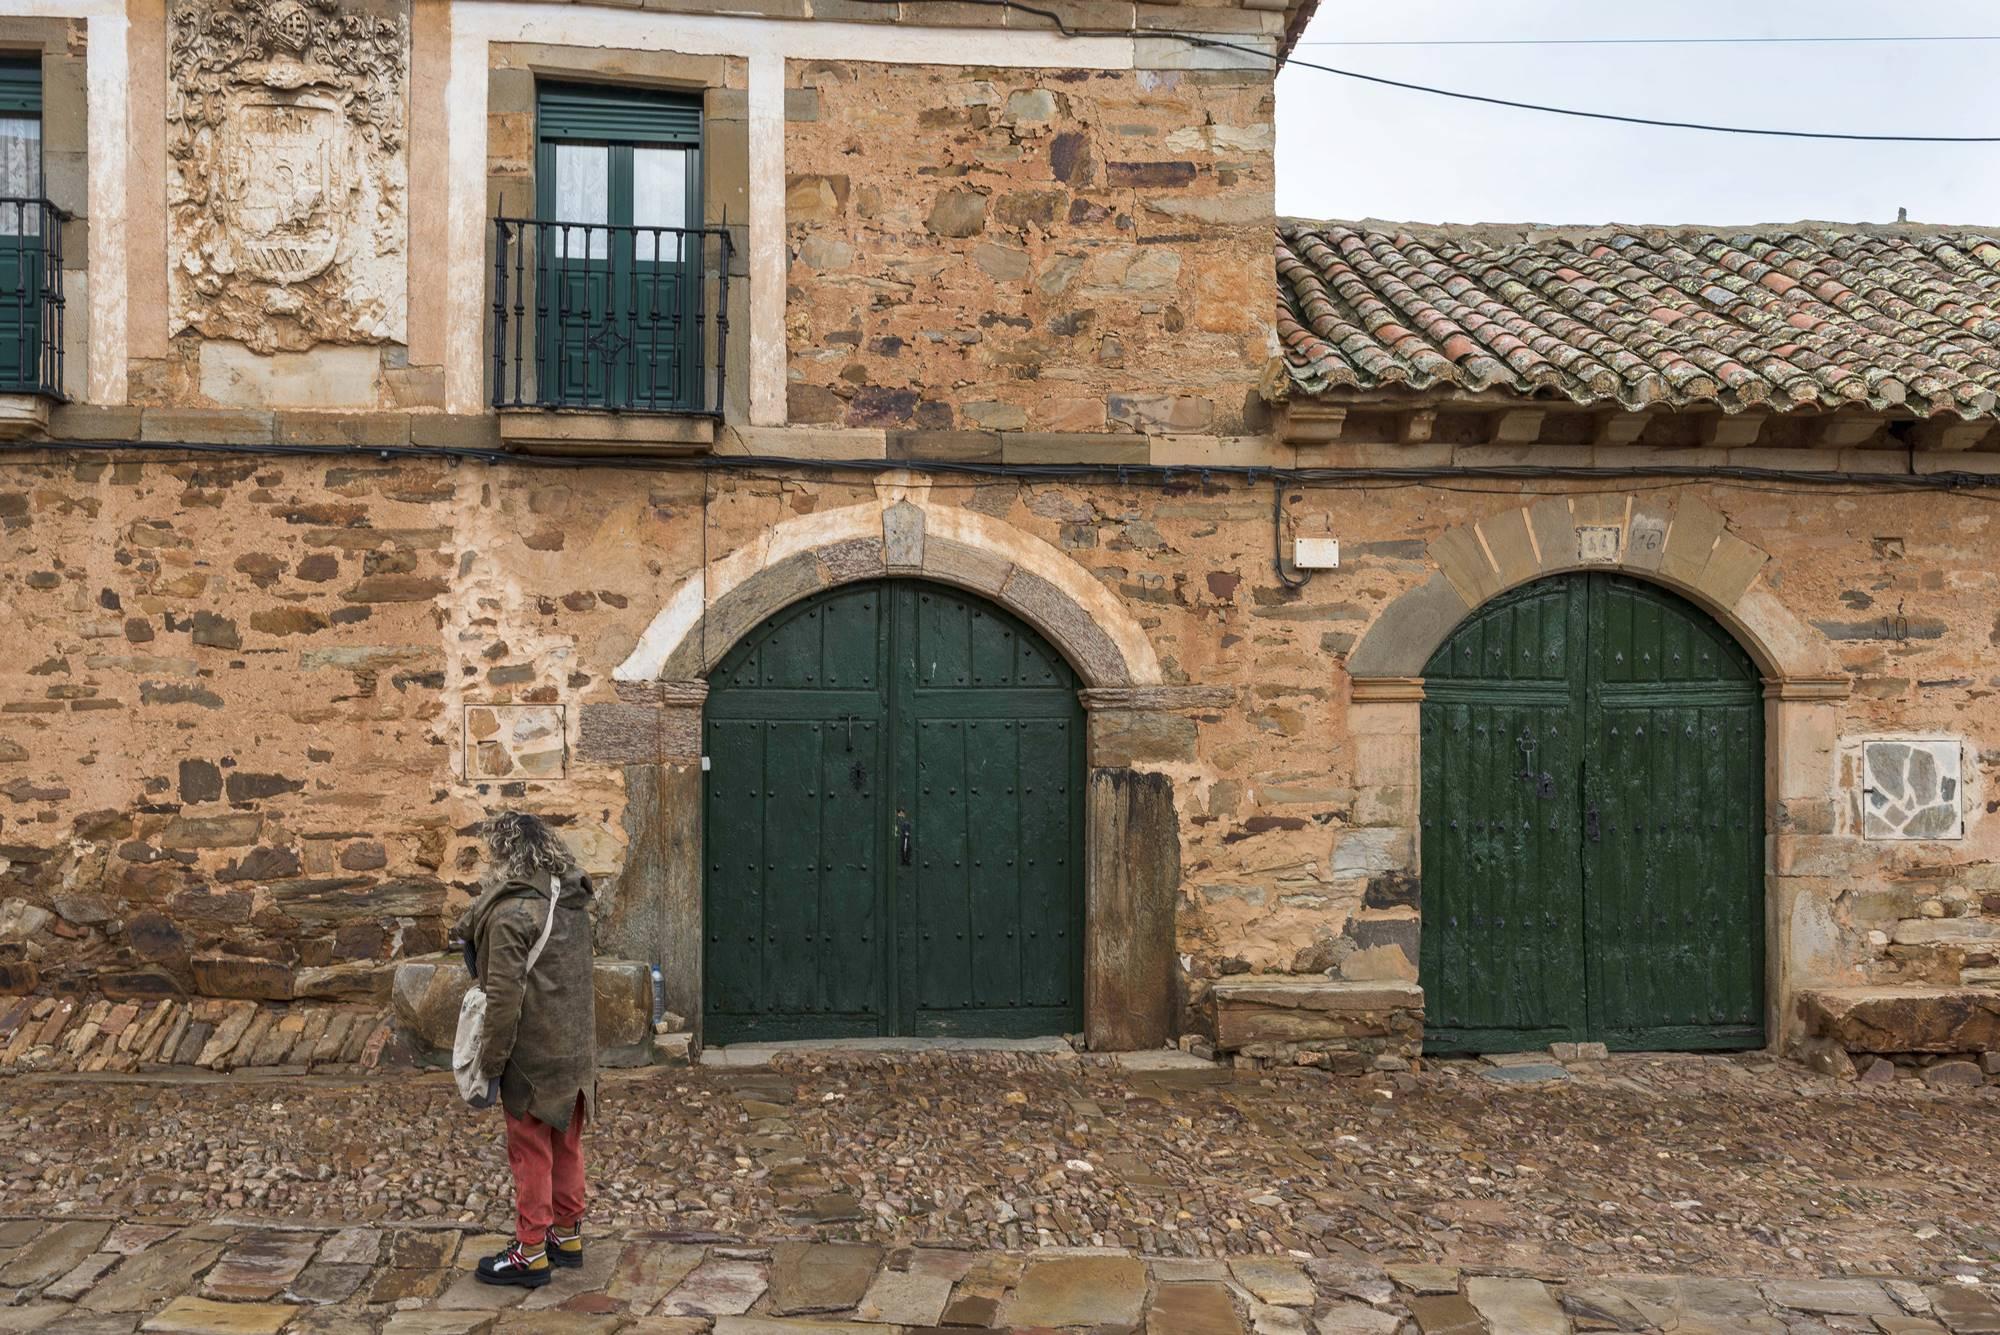 Las casas blasonadas (pocas), muestran el poder económico de los arrieros.